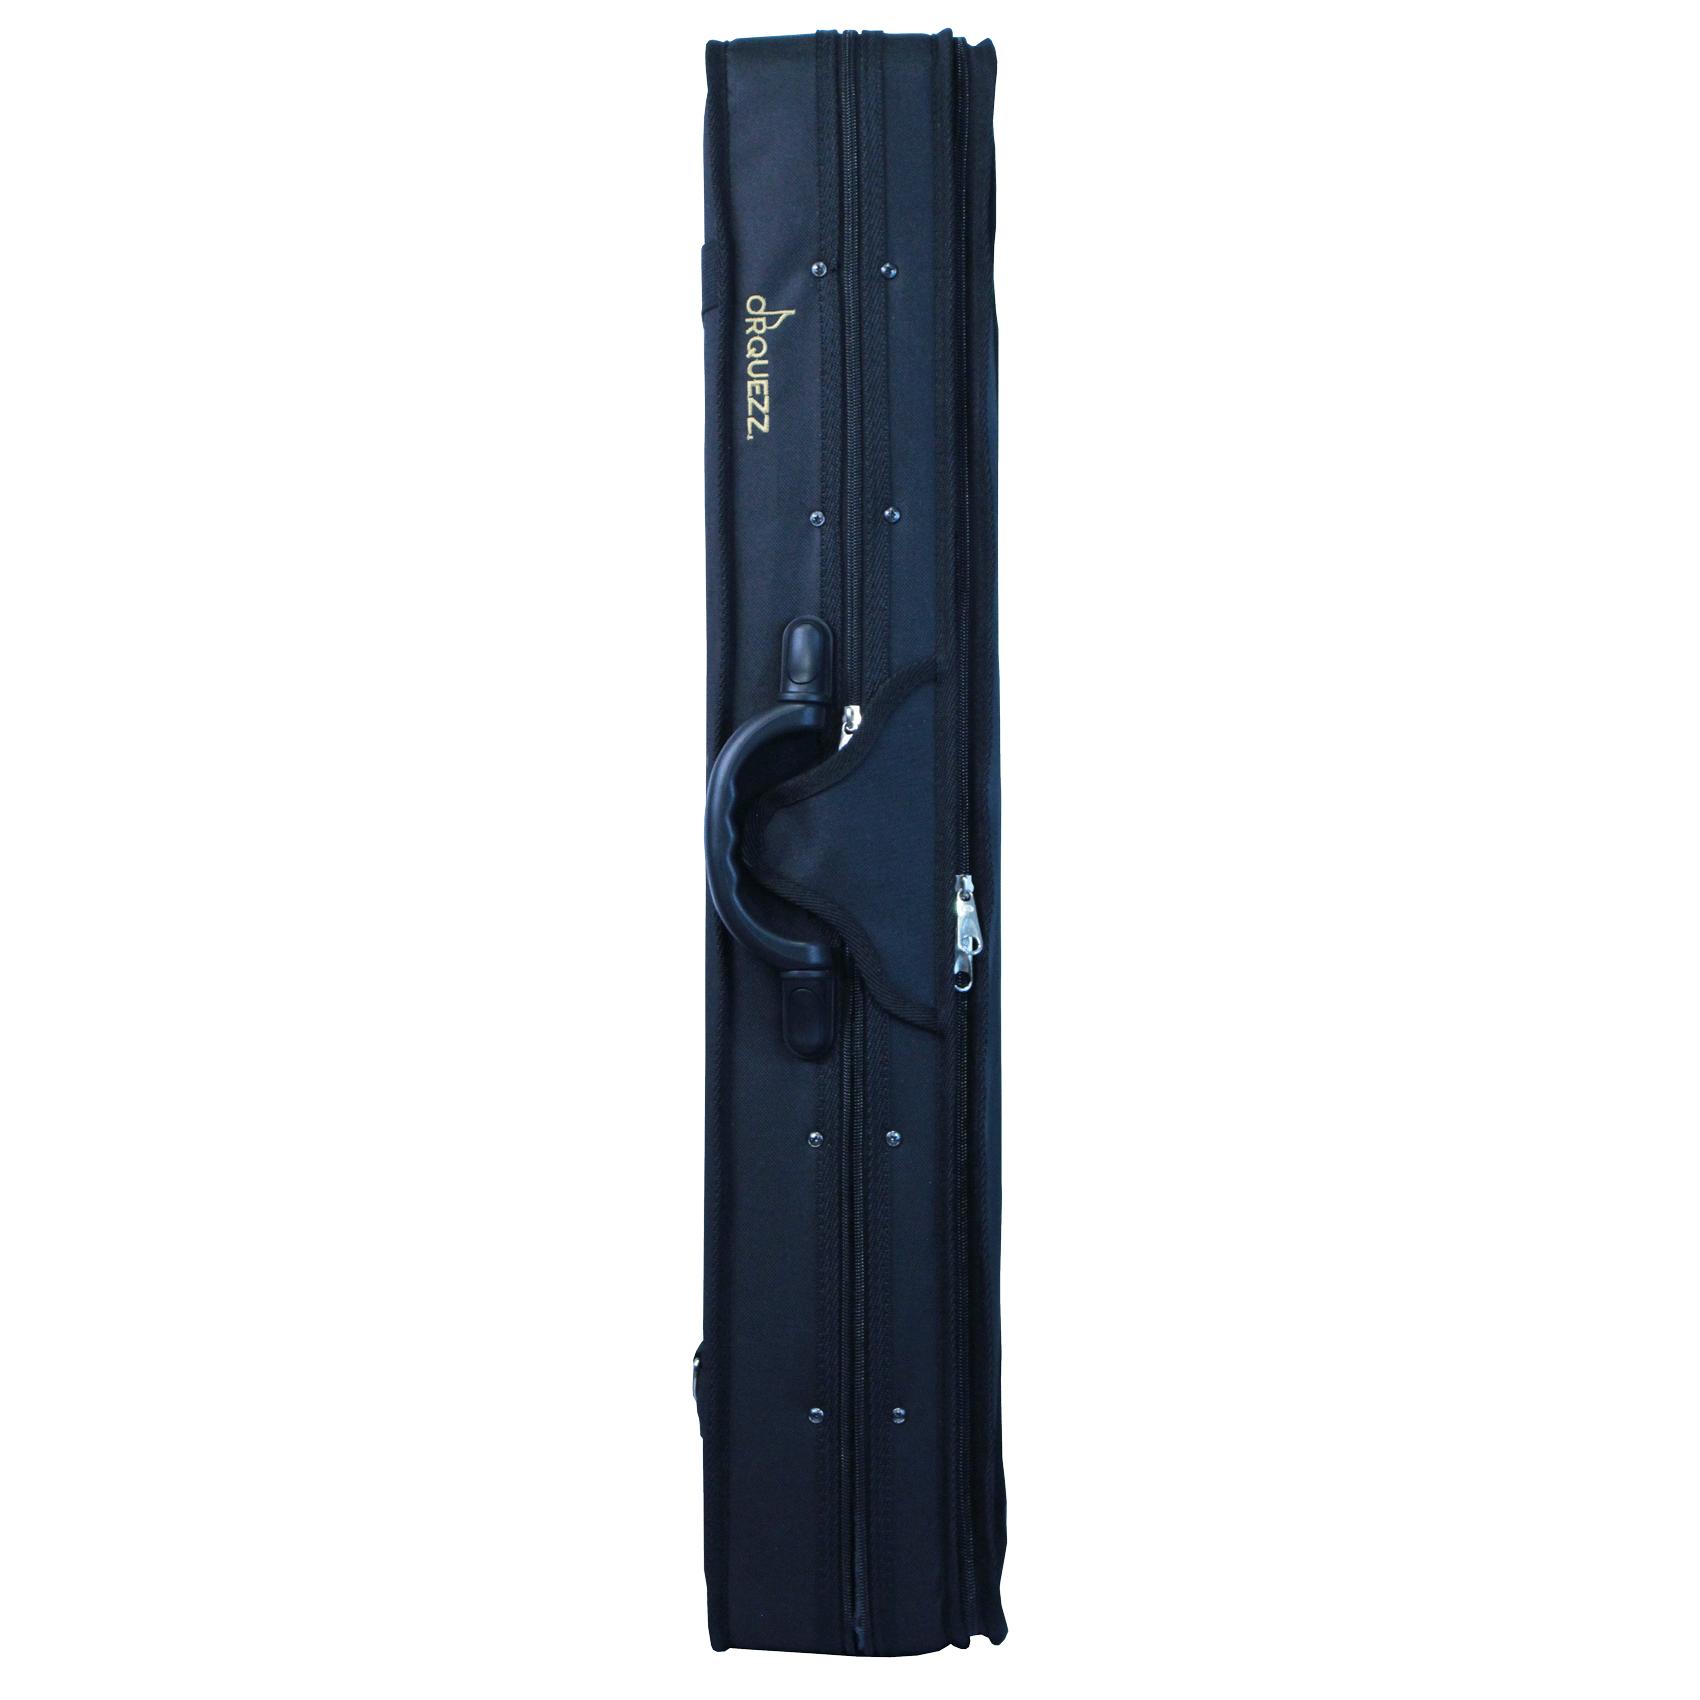 Estojo retangular térmico para violino na cor preta (exterior) e cinza espacial (interior)